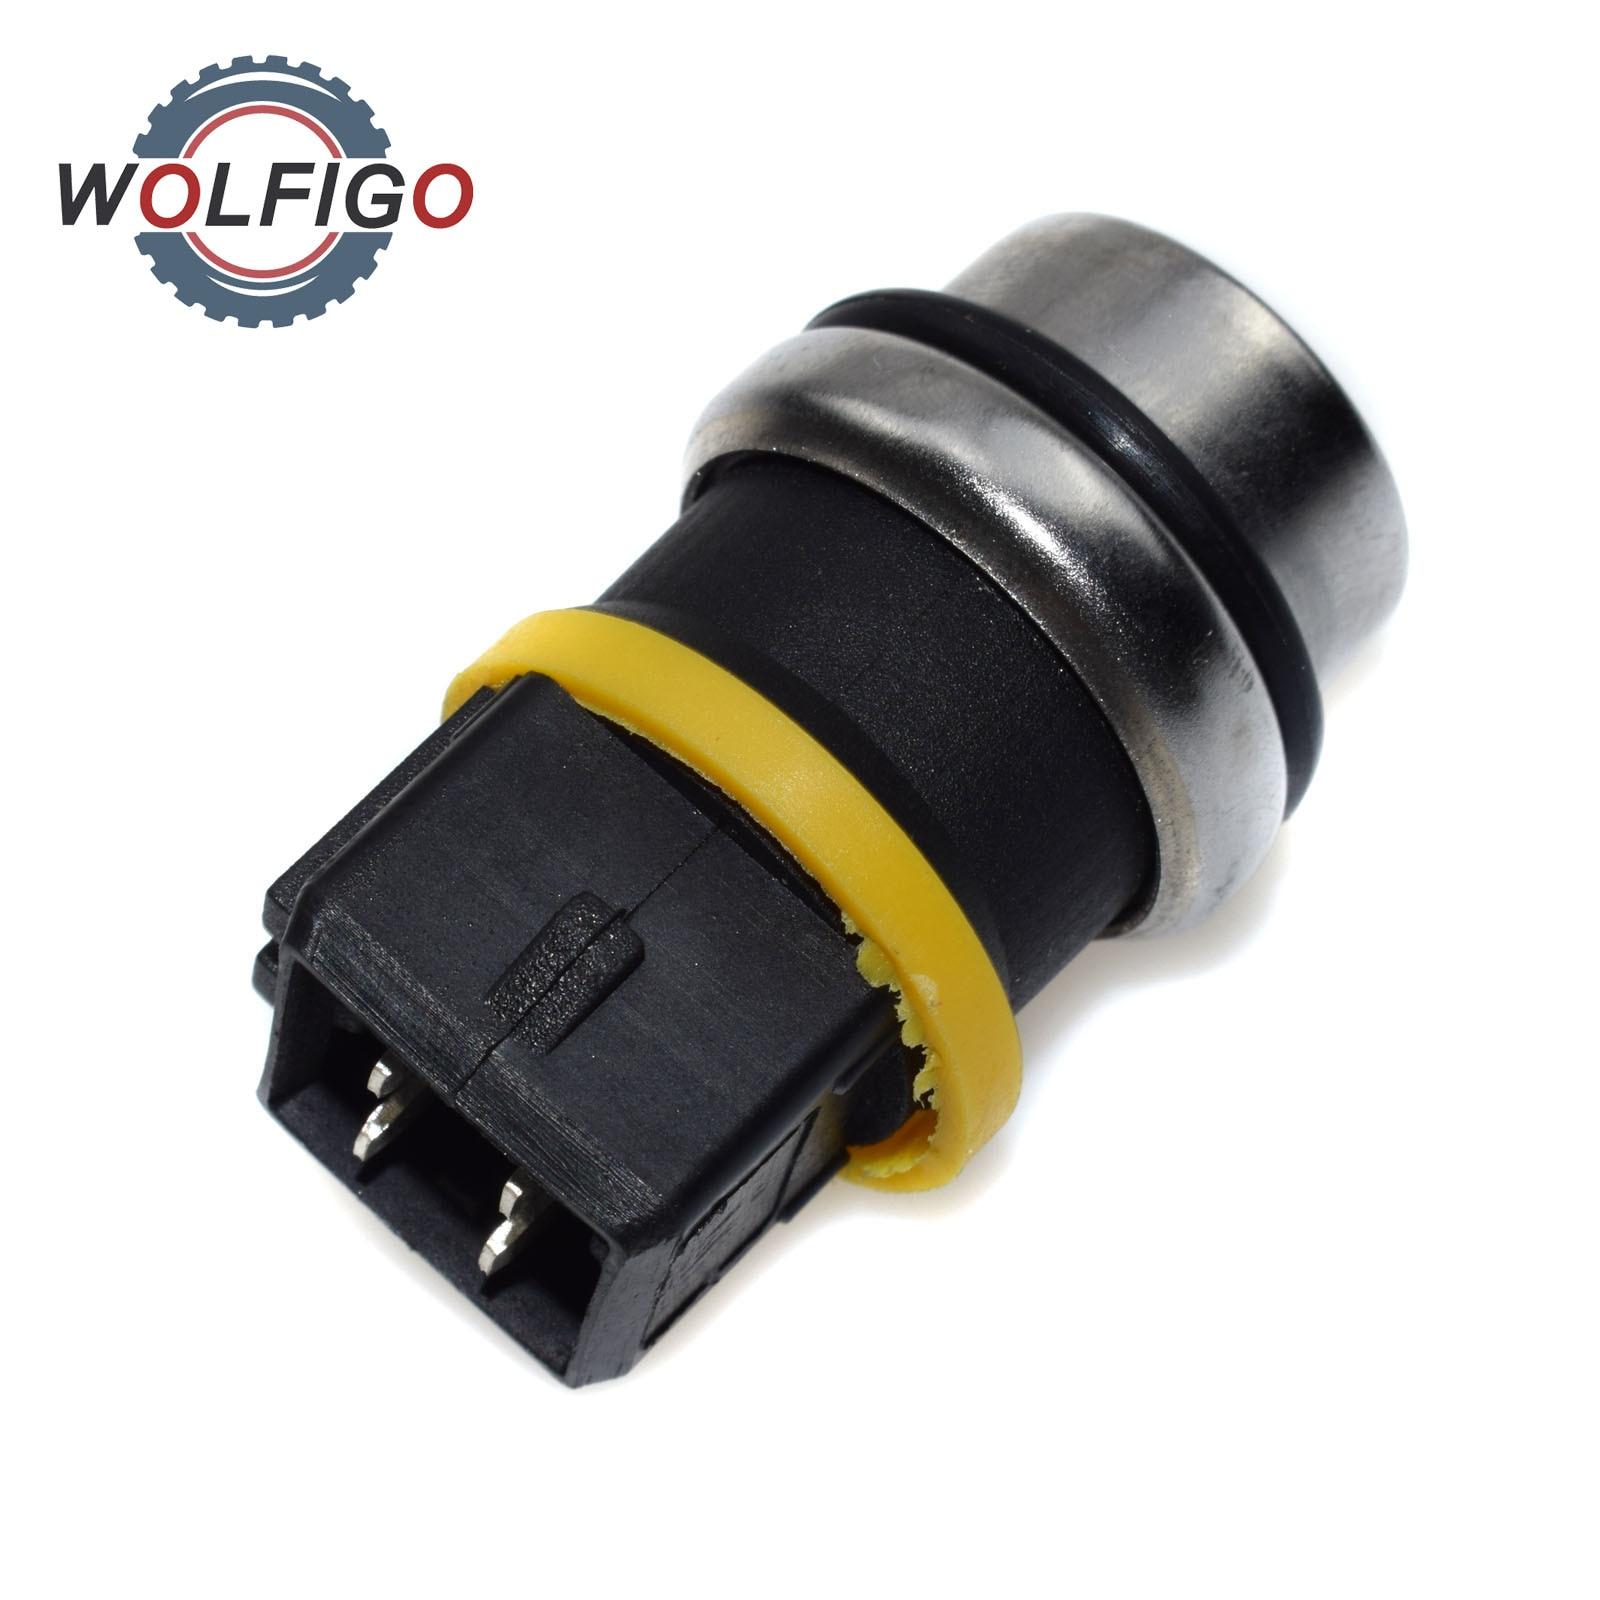 OEM Distributor Cap VW Polo 75 1.6 100 1.6 1.3 1.4 1.0 1.6 50 1.0 60 1.4 1.4 16V